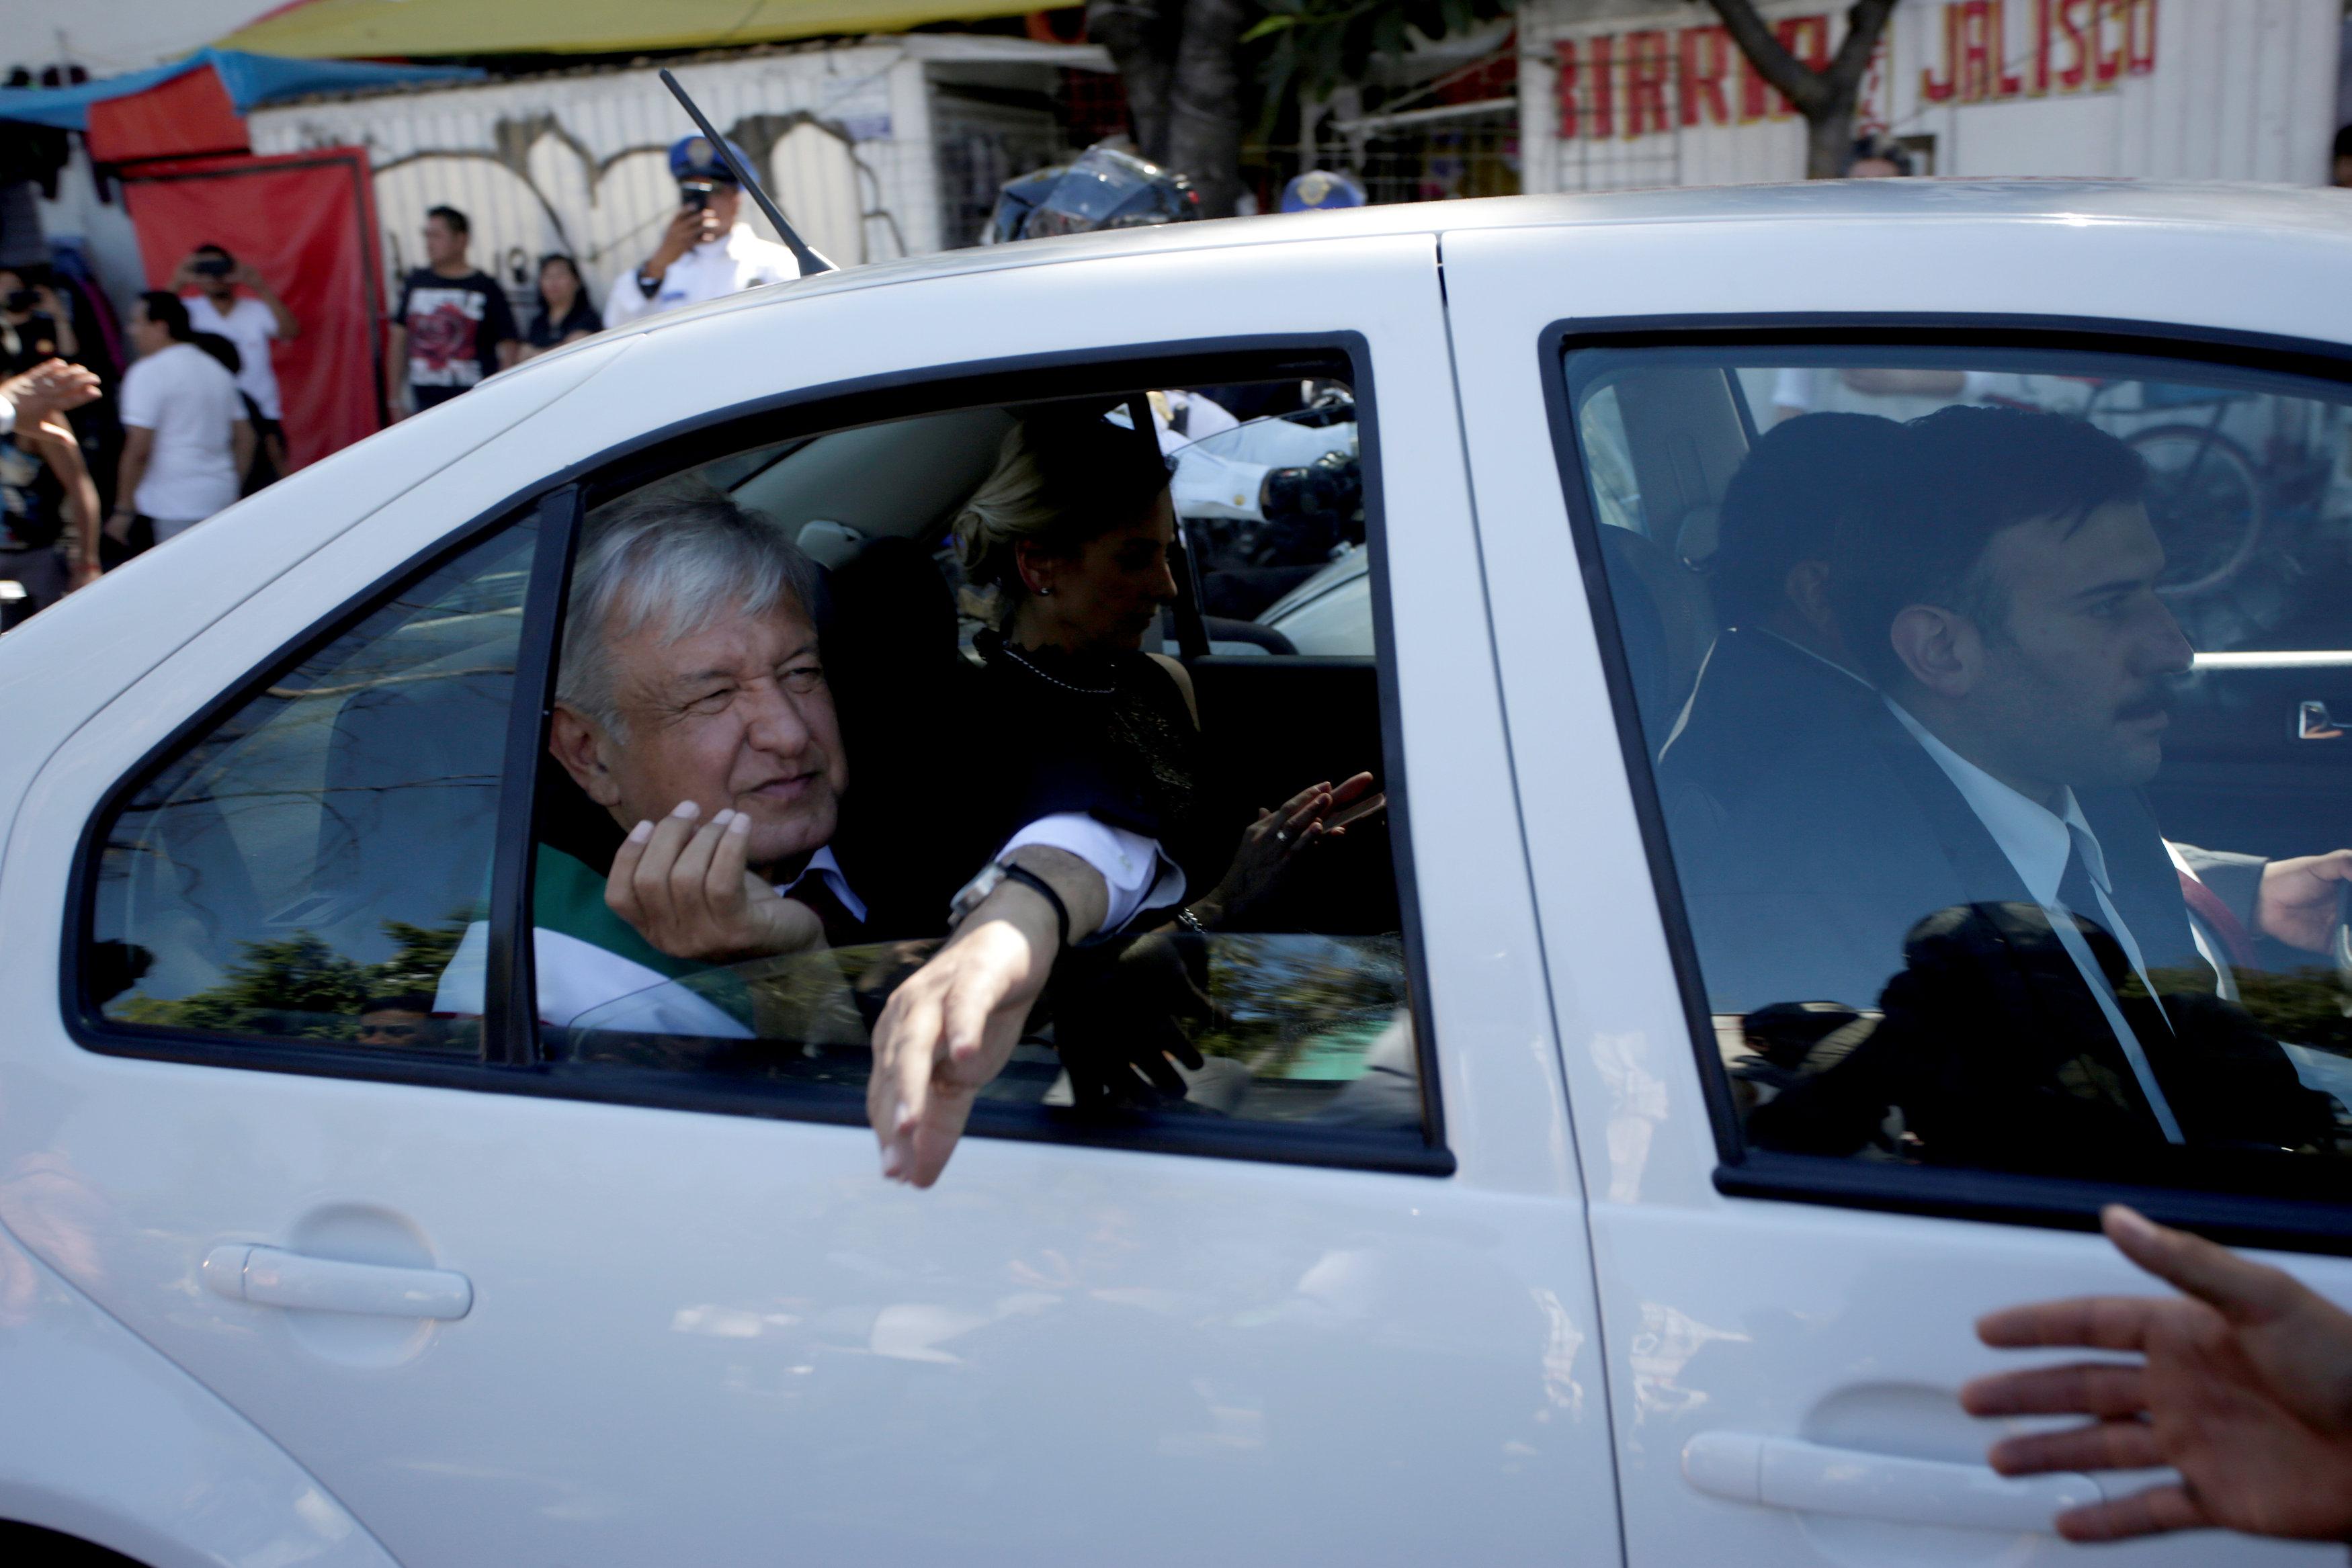 الرئيس الجديد للمكسيك يتجه أثناء توجهه إلى القصر الوطني